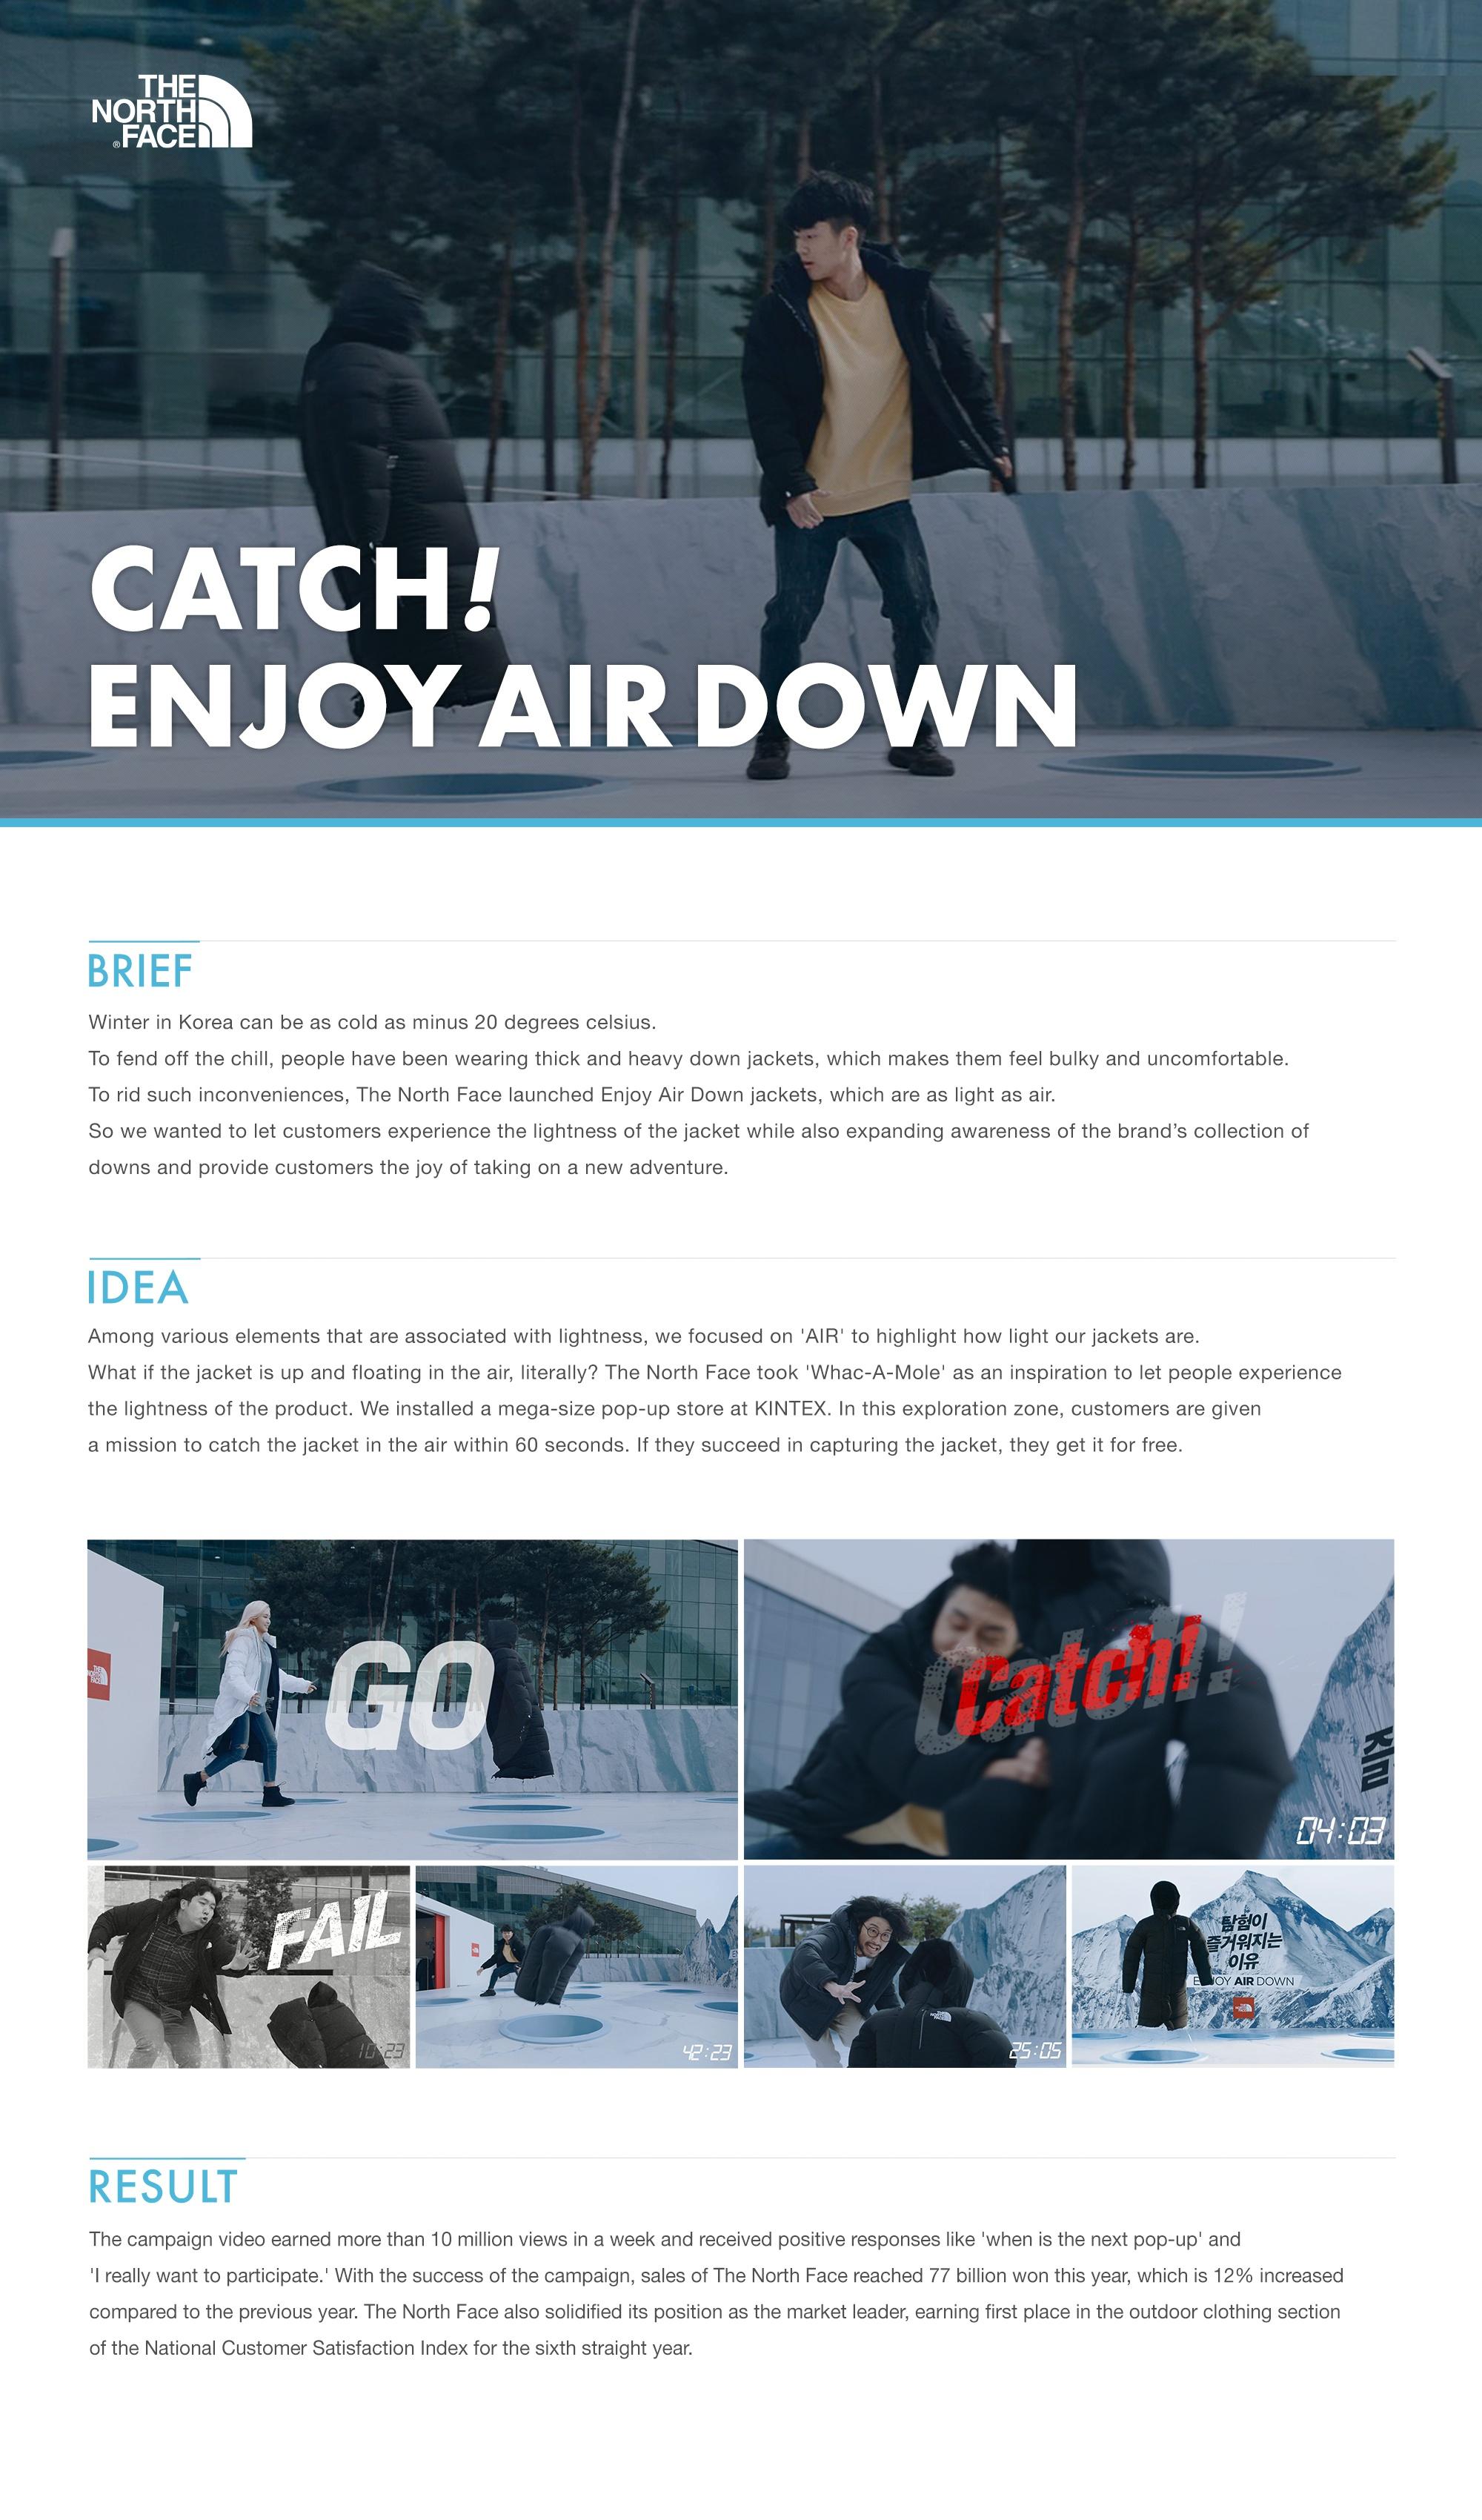 Thumbnail for CATCH! ENJOY AIR DOWN